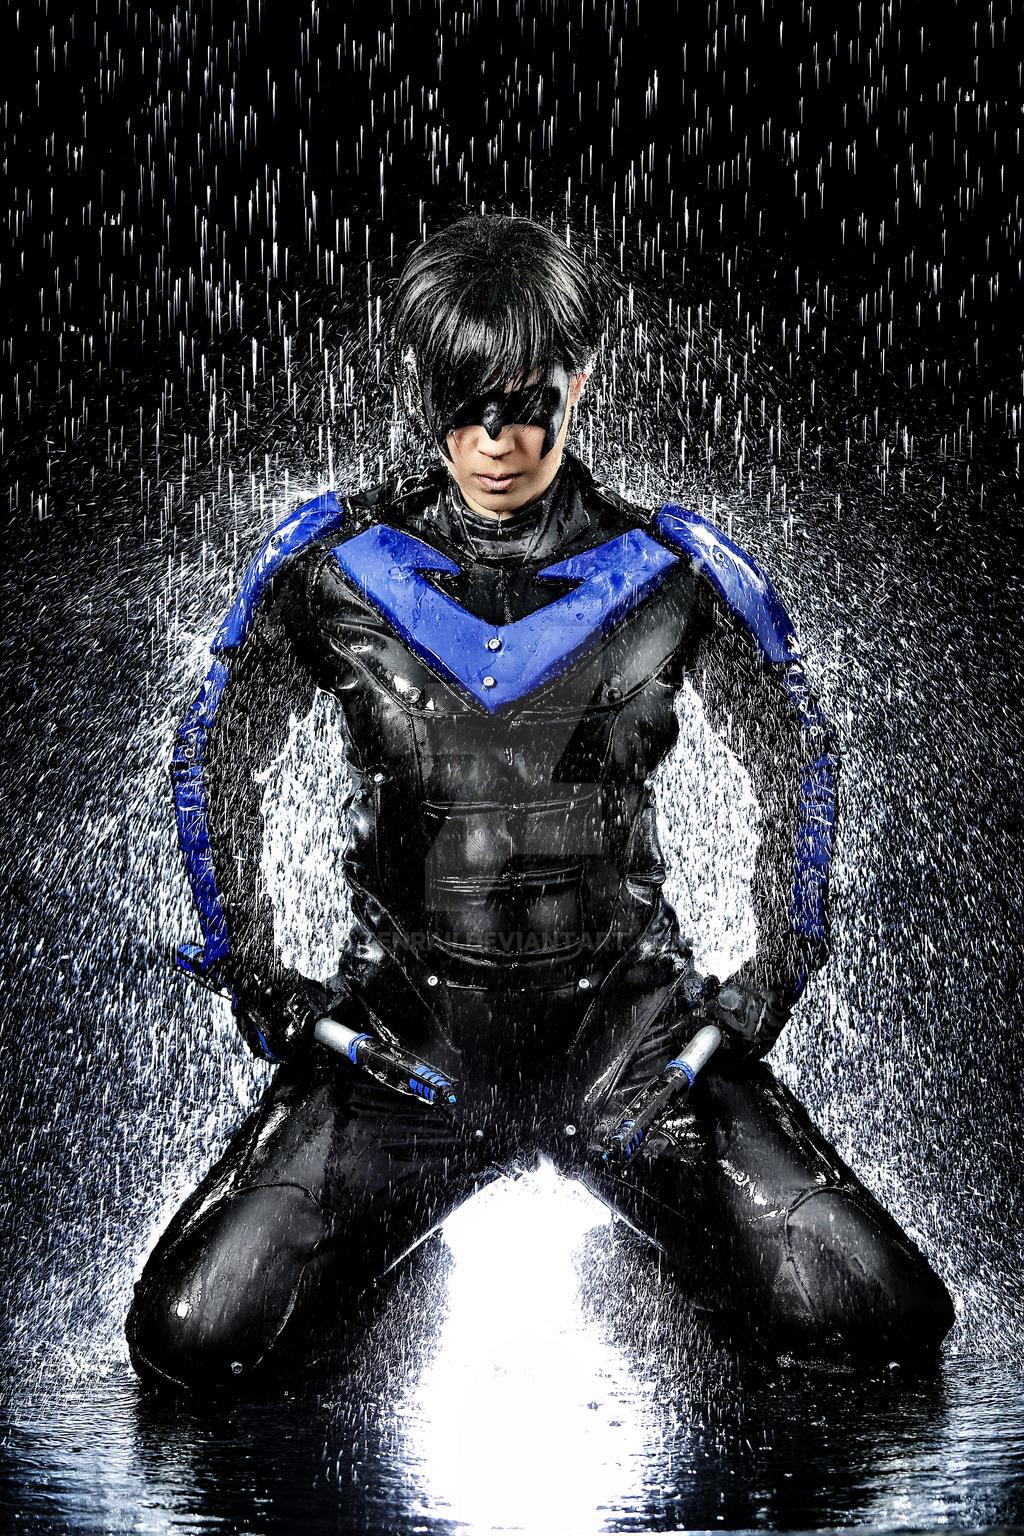 Cosplay water shooting: Nightwing (7) by Tenraii